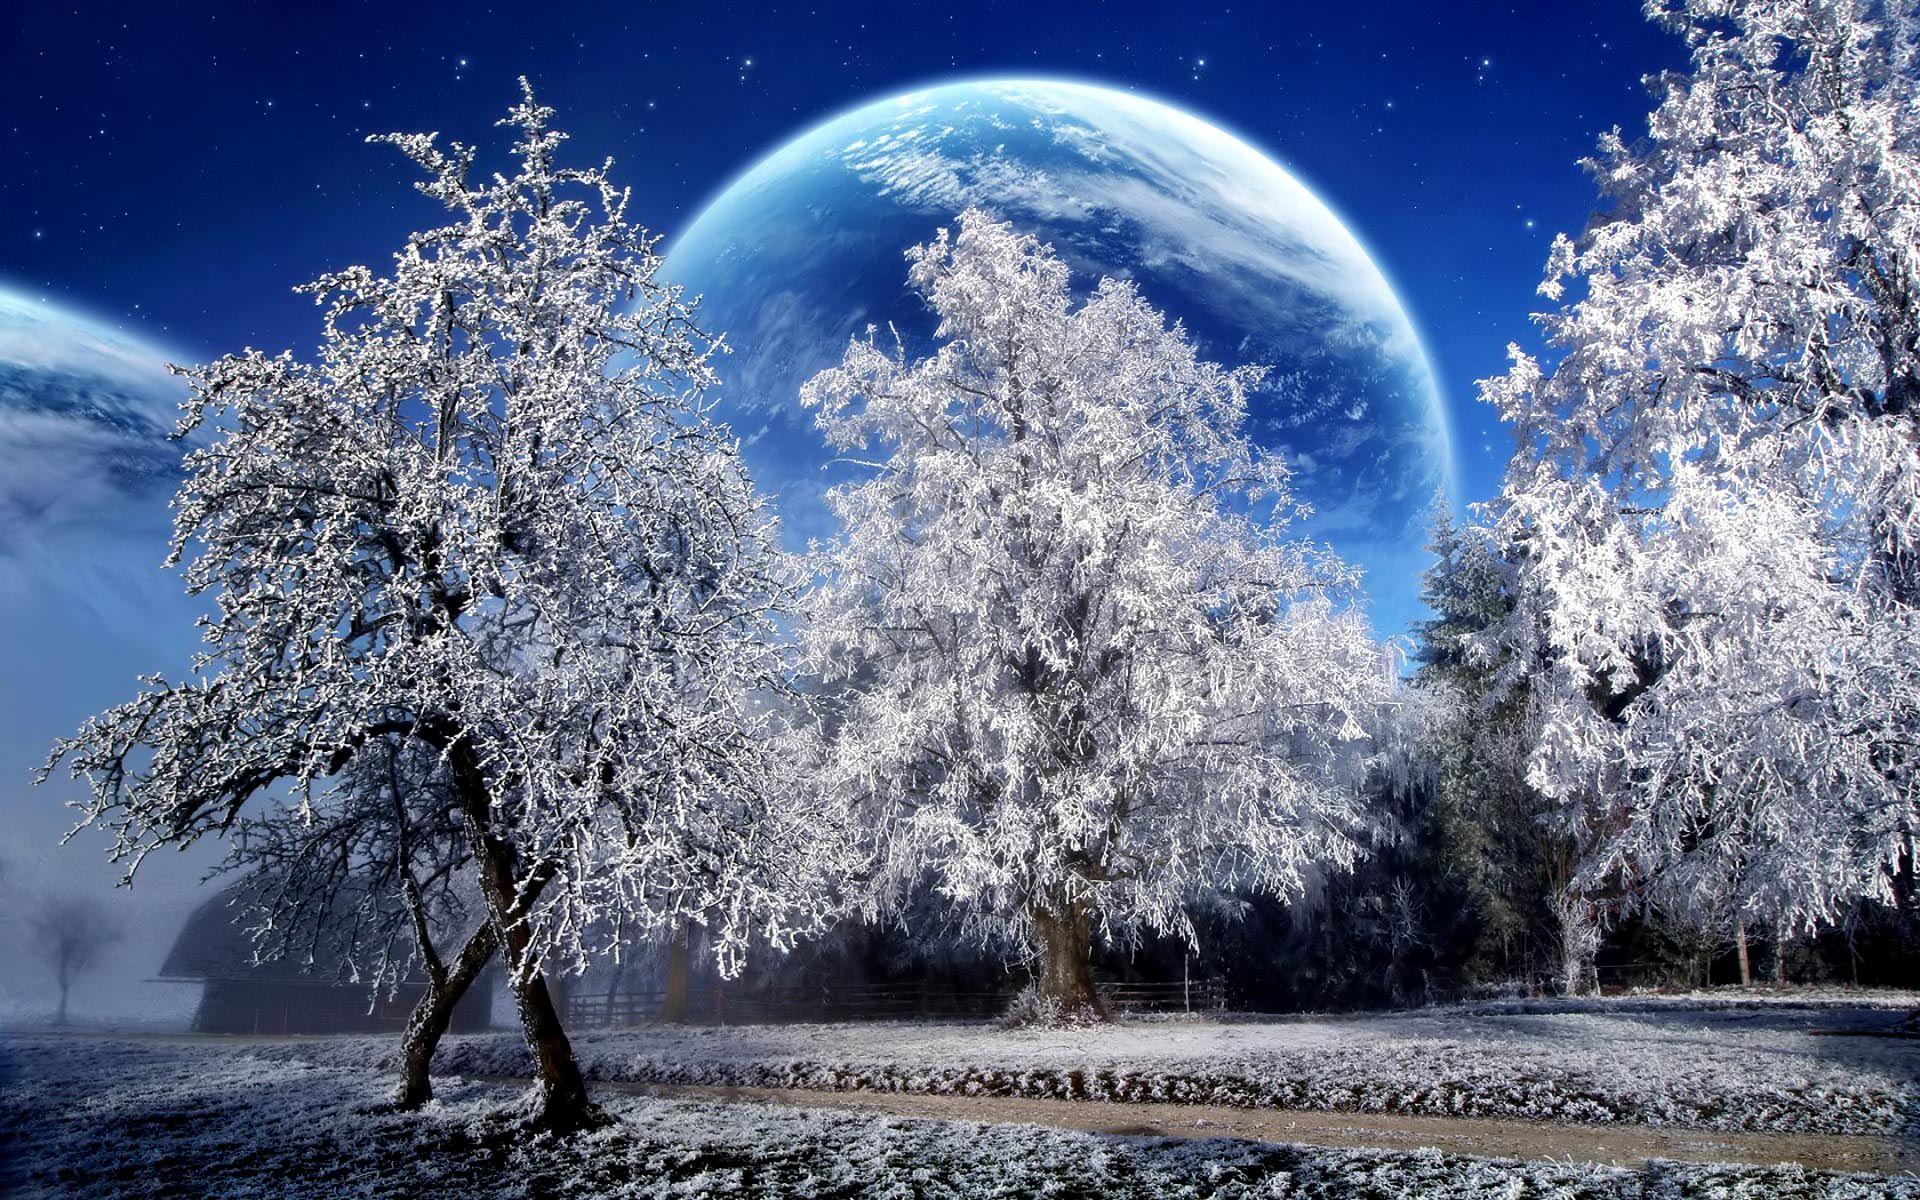 High Resolution Wallpaper Winter: Winter Wallpaper Widescreen High Resolution